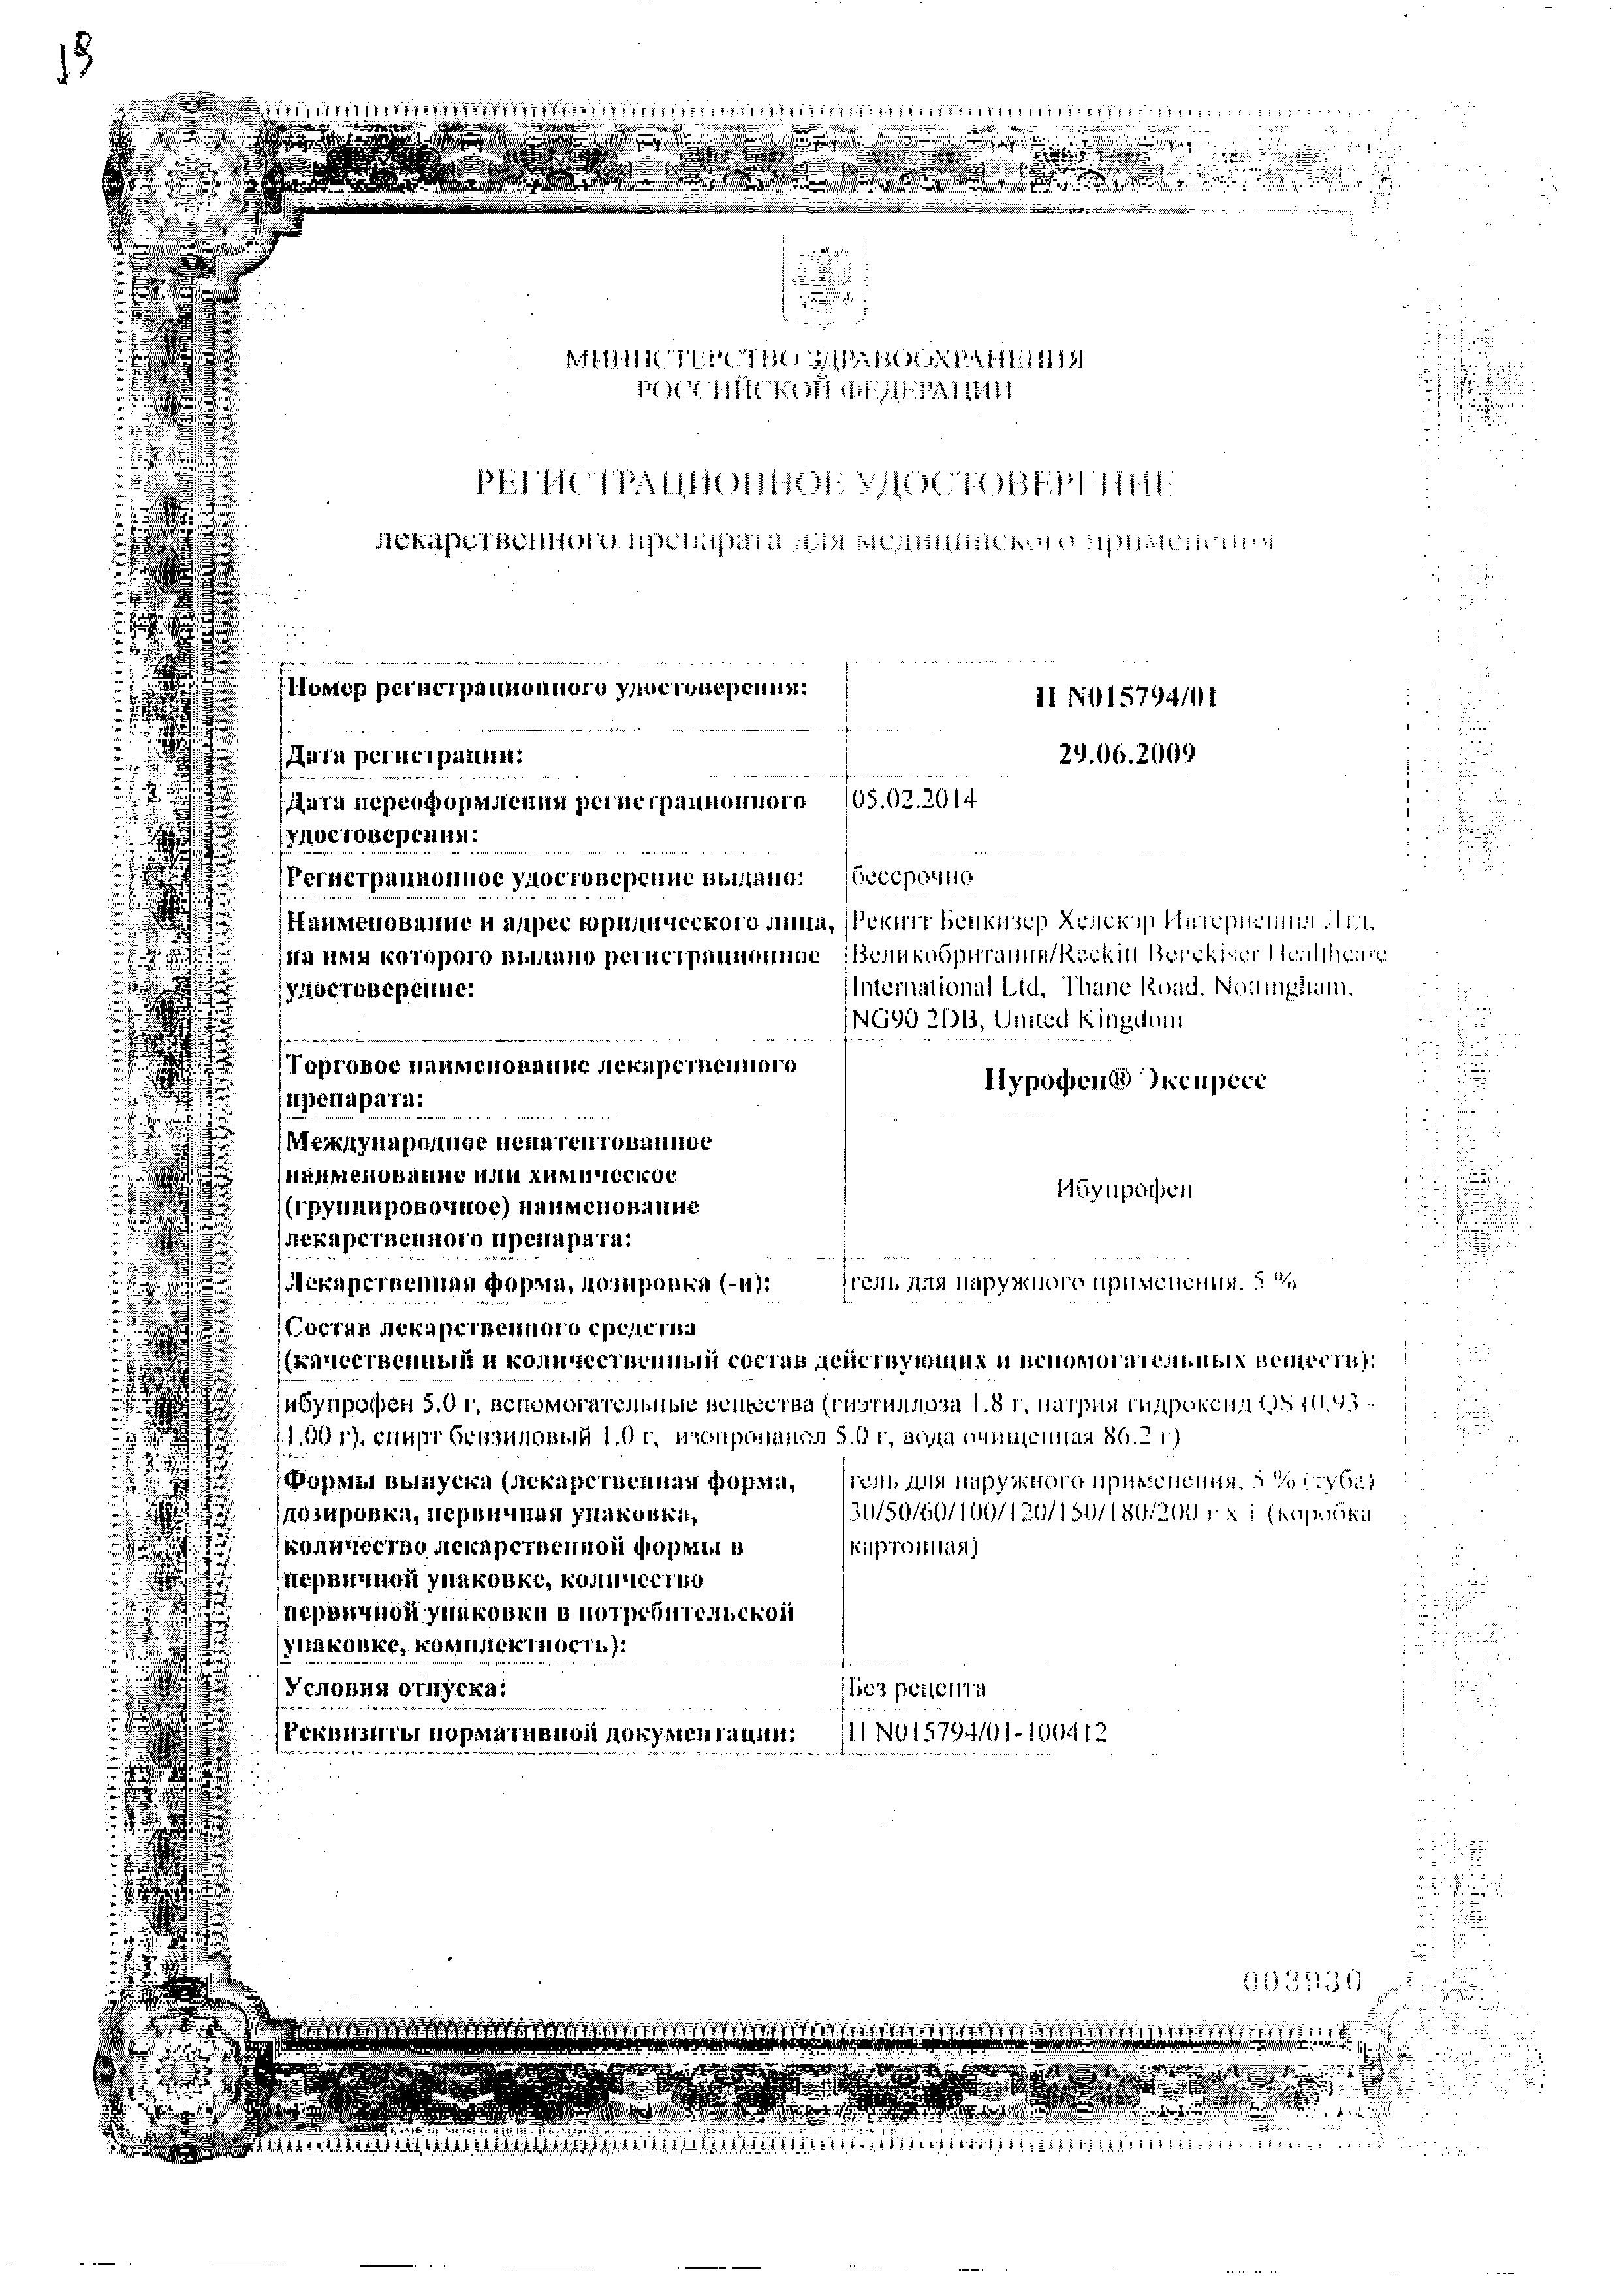 Нурофен Экспресс сертификат